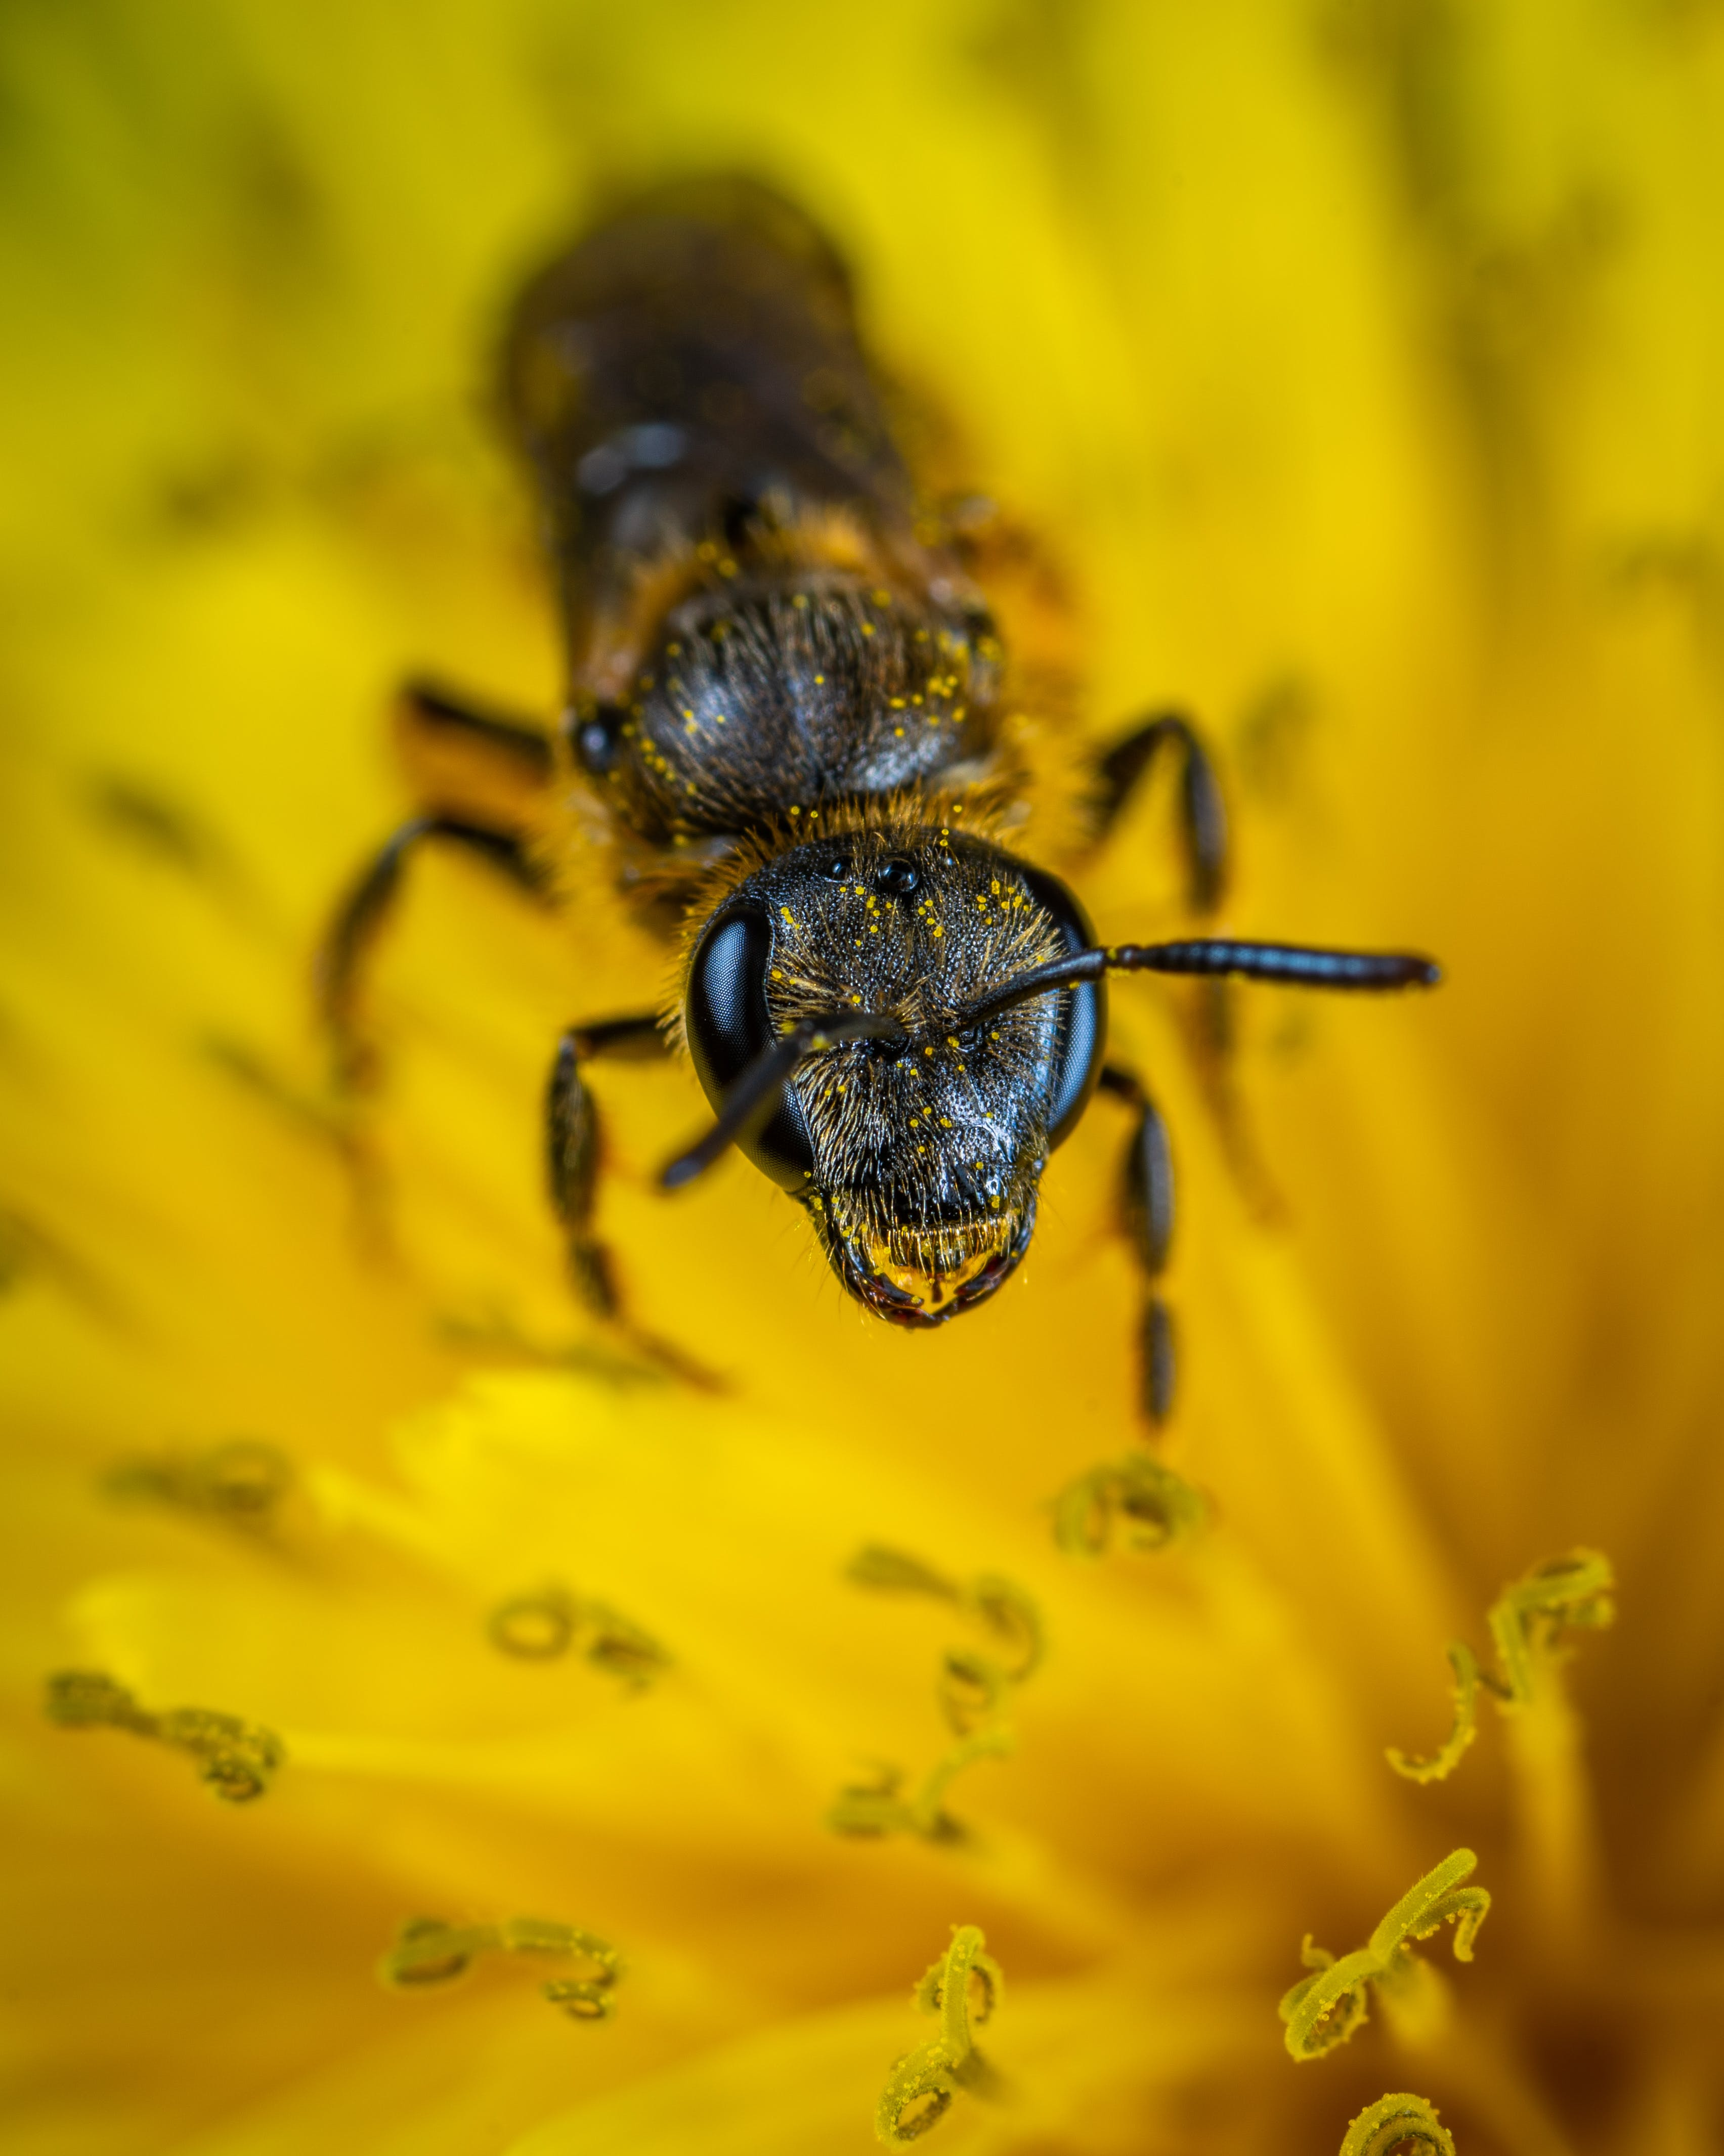 Gratis lagerfoto af bestøvning, blomst, close-up, dyr